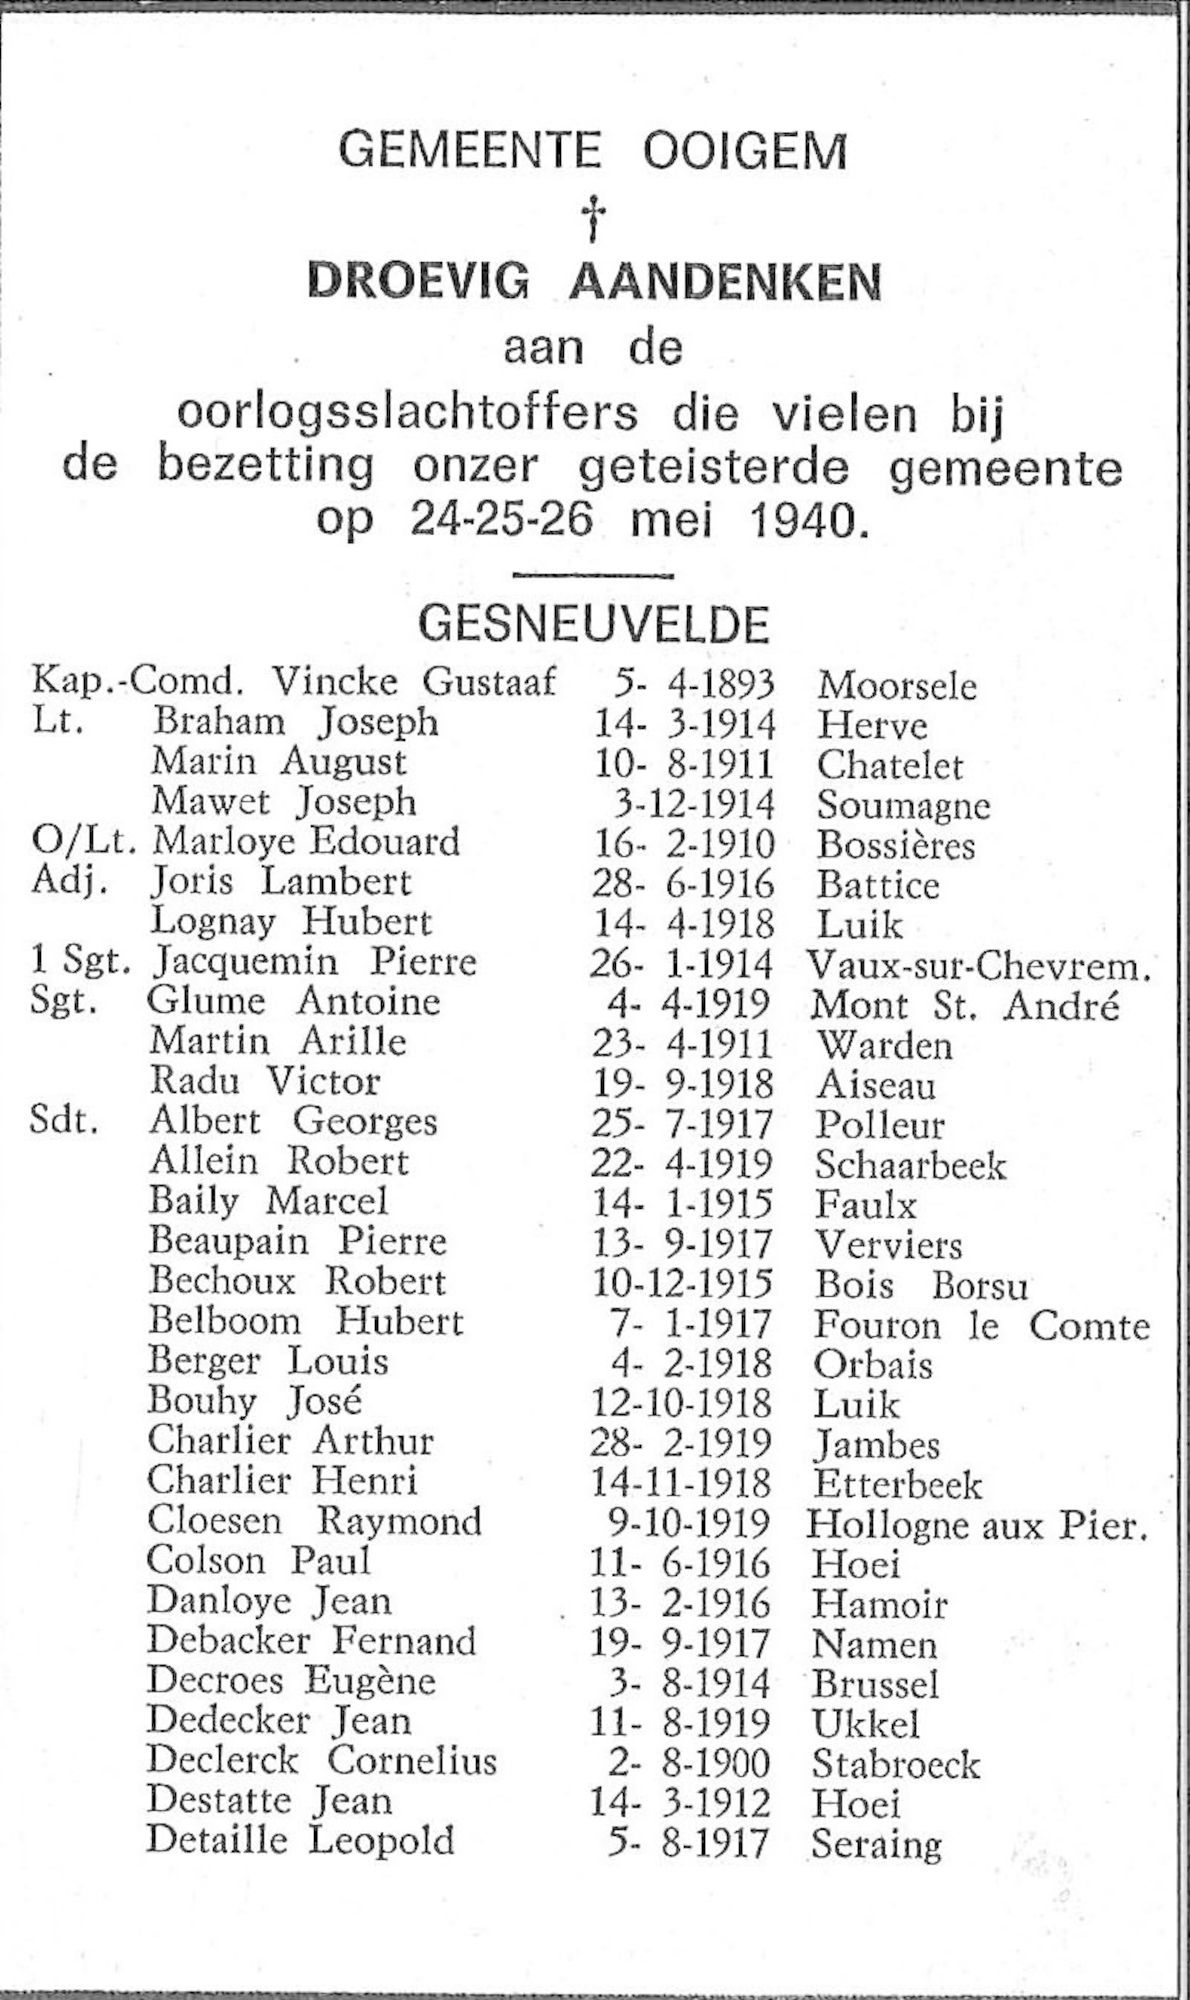 Groepsbidprentje gemeente Ooigem